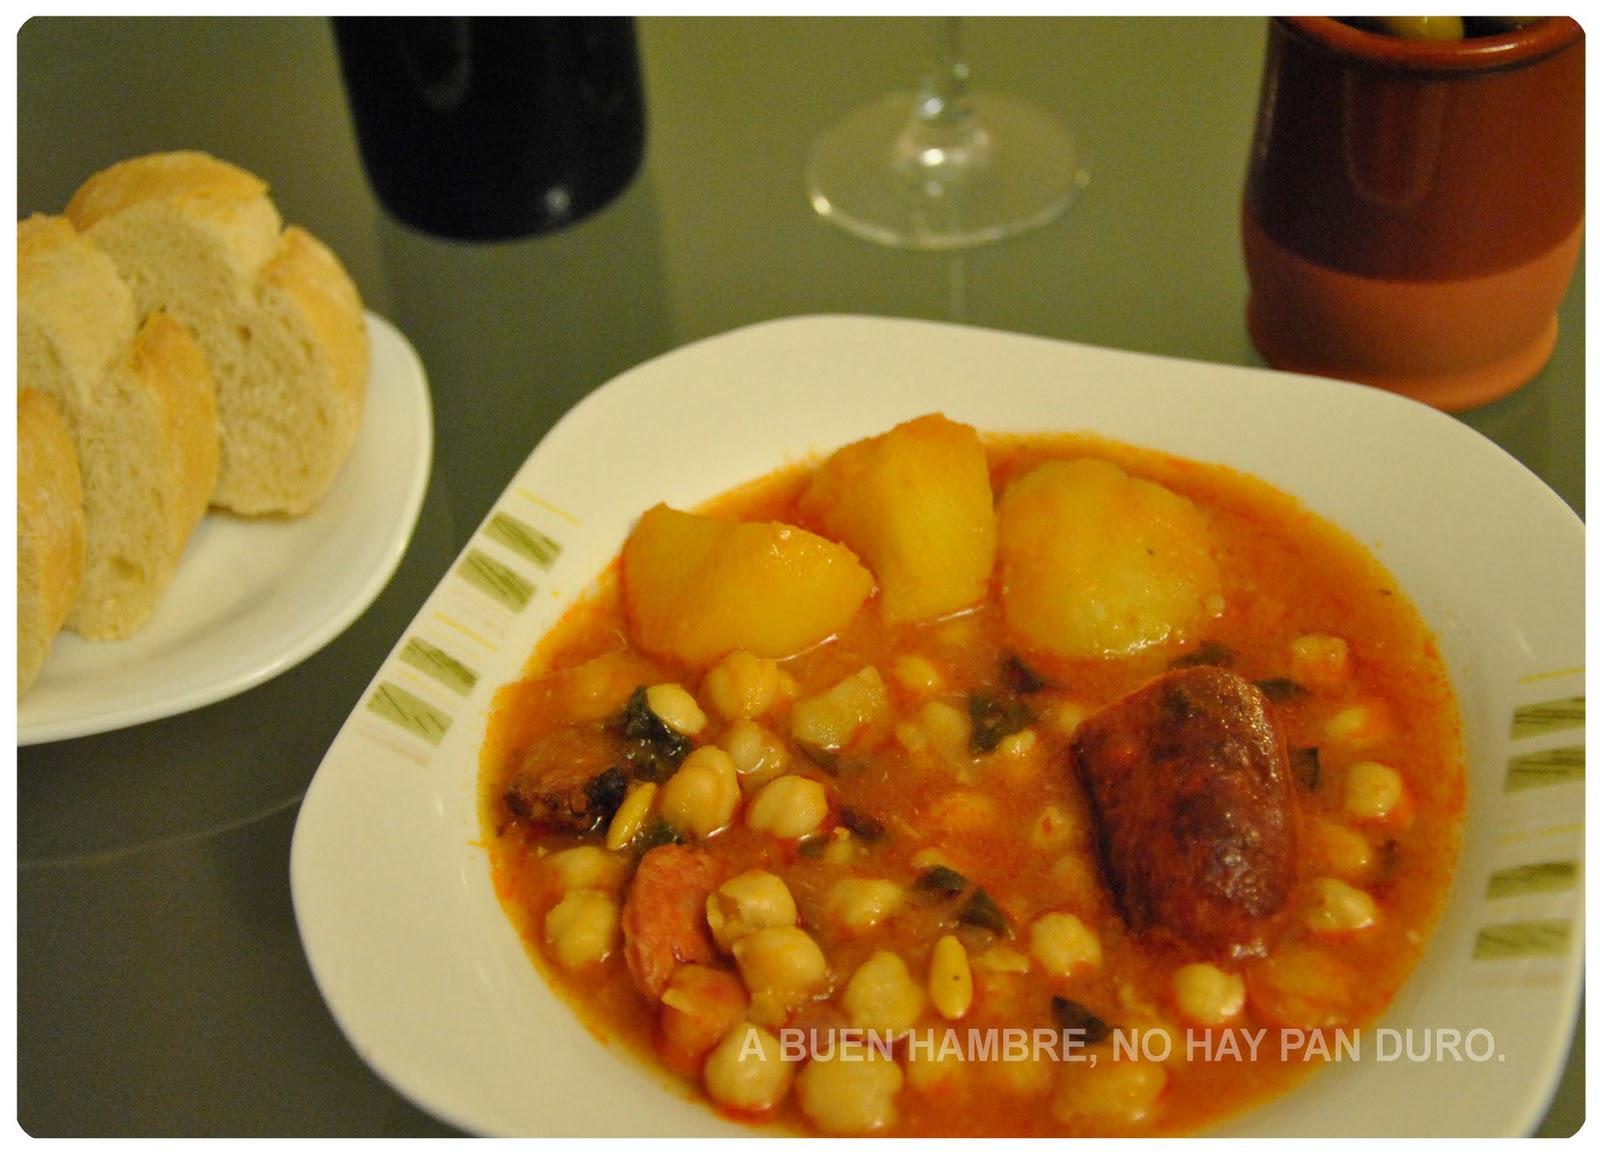 A buen hambre no hay pan duro potaje de garbanzos - Garbanzos olla express ...